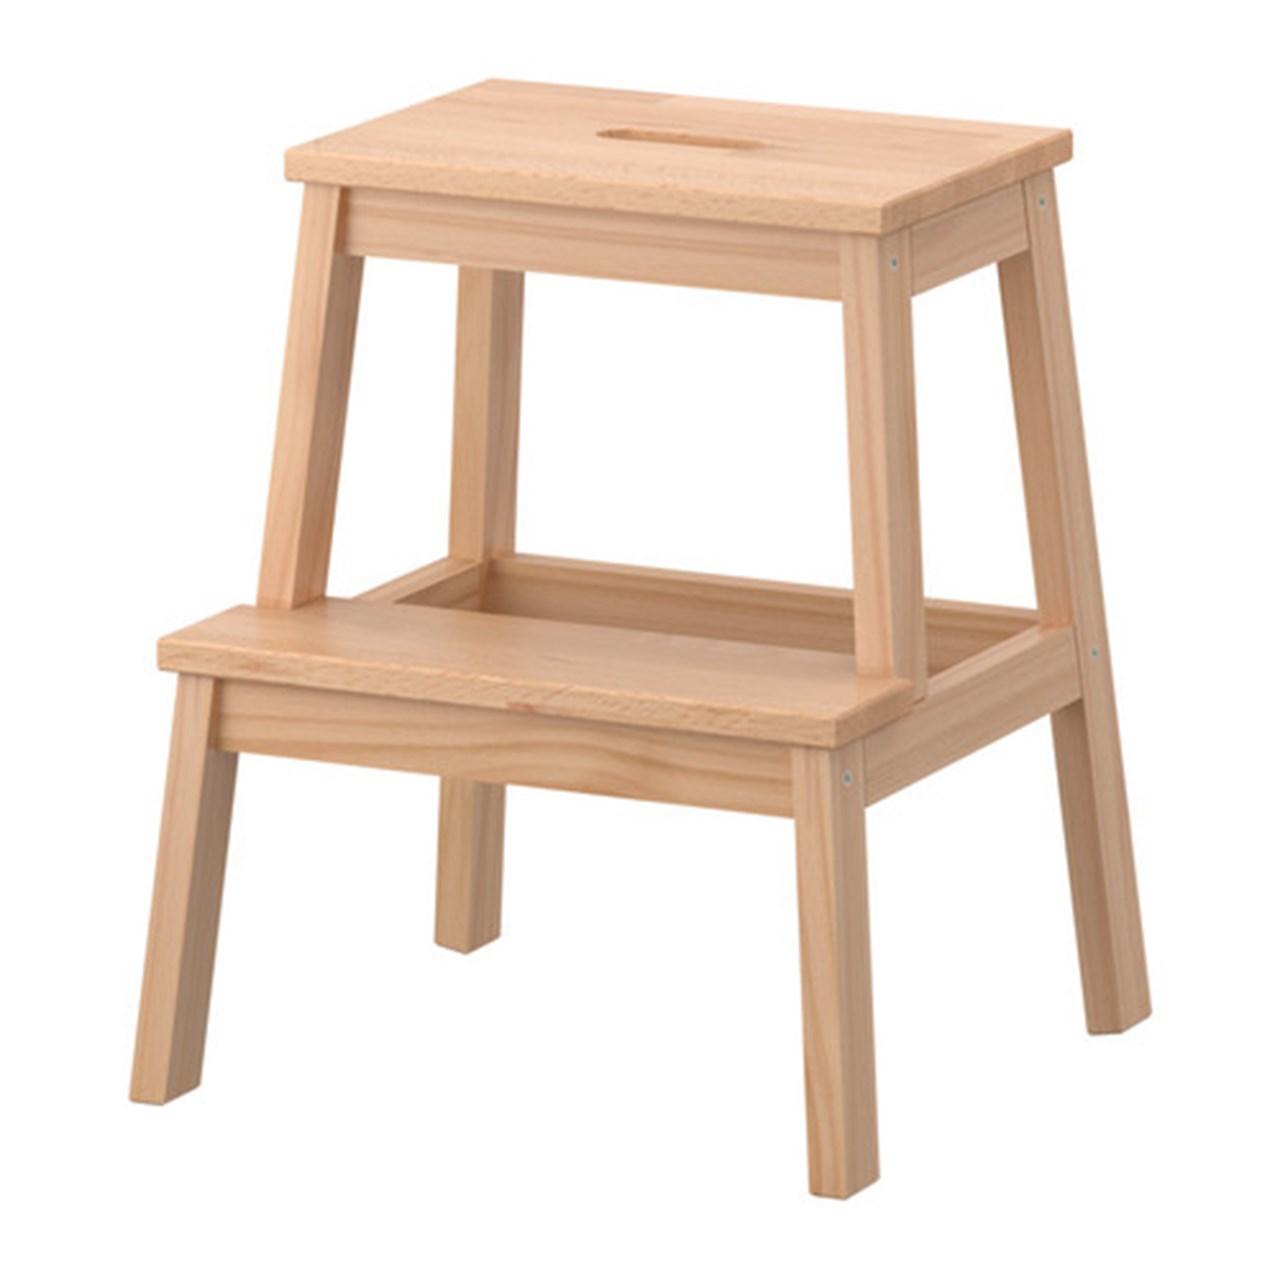 چهارپایه چوبی ایکیا مدل BEKVAM